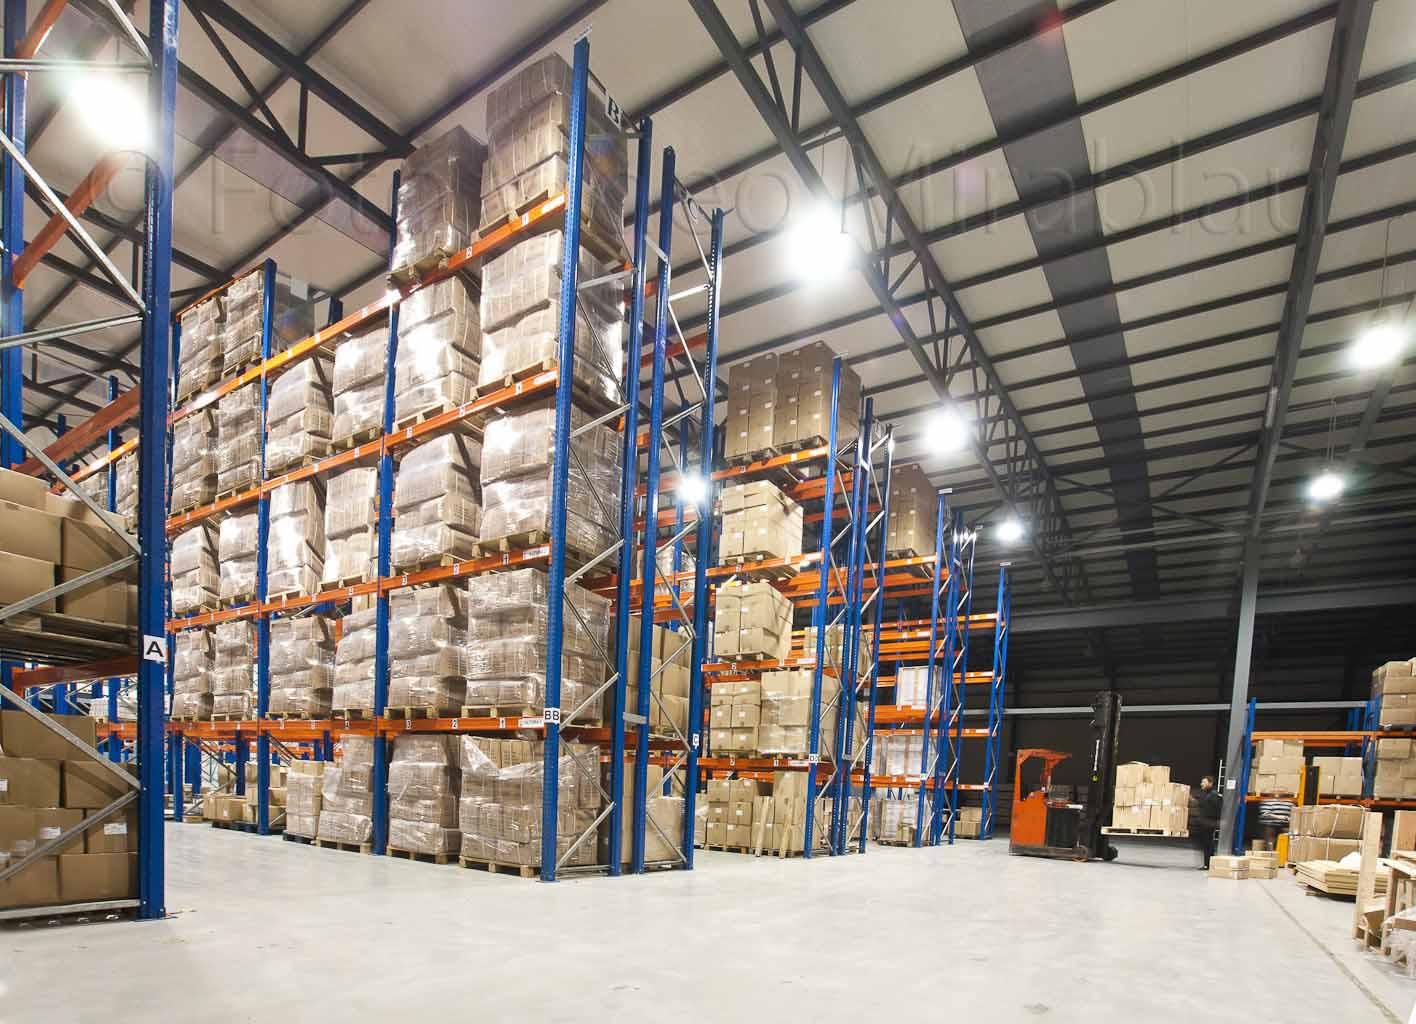 Foto Industrial. Almacenamiento interior fábrica.